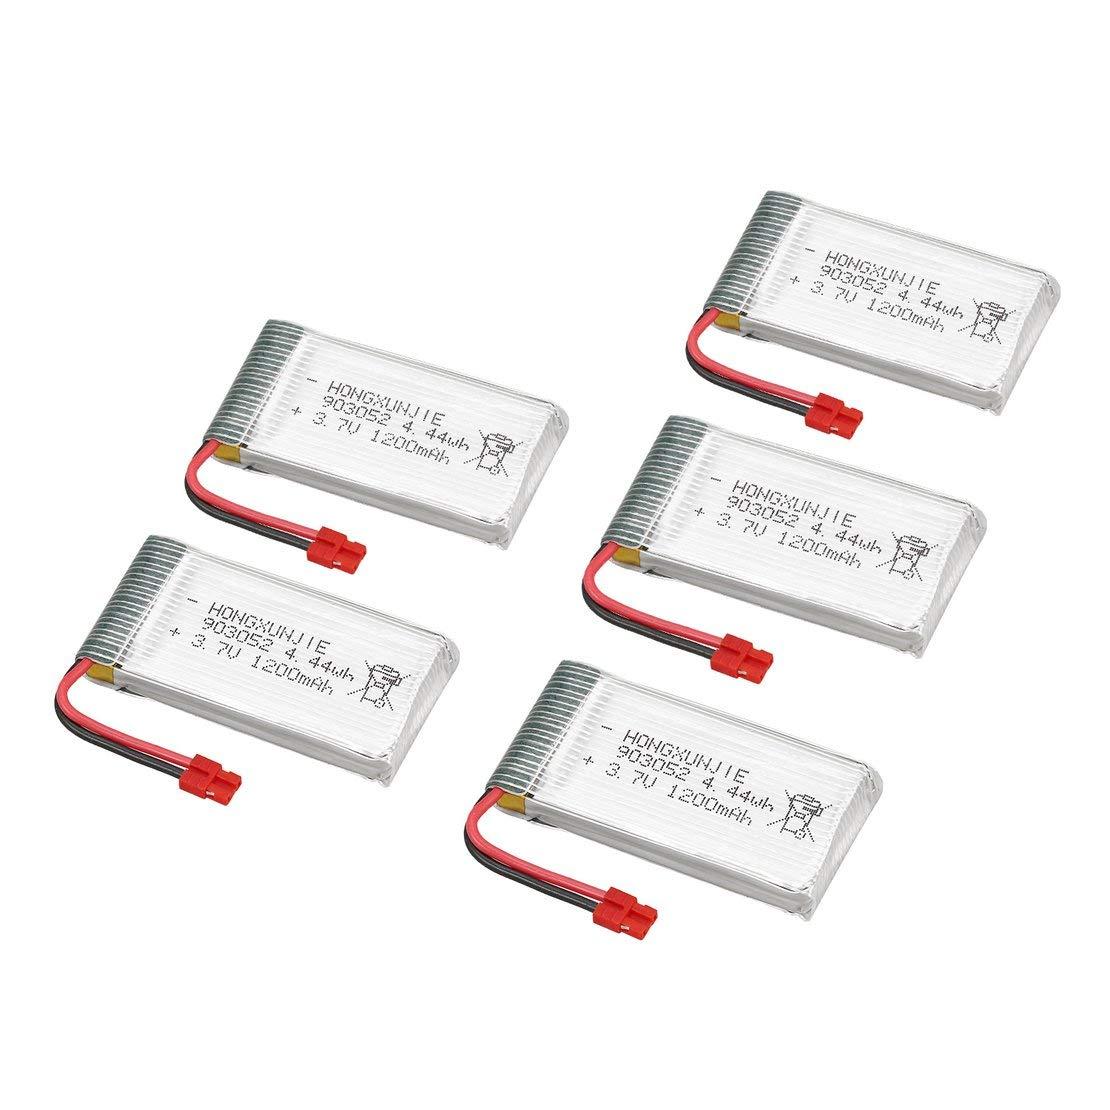 Blanc 5pcs 3.7V 1200mAh 25C Lipo Batteries avec 6 en 1 USB Chargeur de pi/èces de Rechange Kit Accessoire pour Drone Quadcopter Syma X5HC X5HW